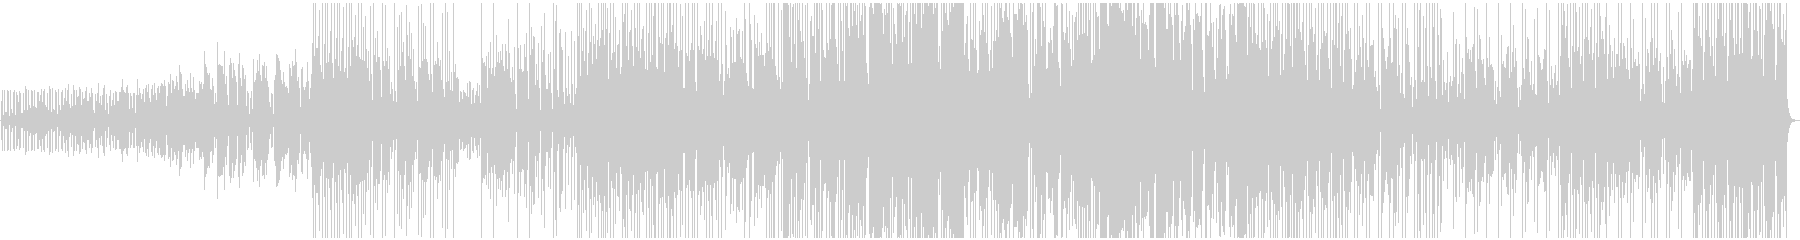 トロンボーン、ベースシンセ、ダーブ...の未再生の波形